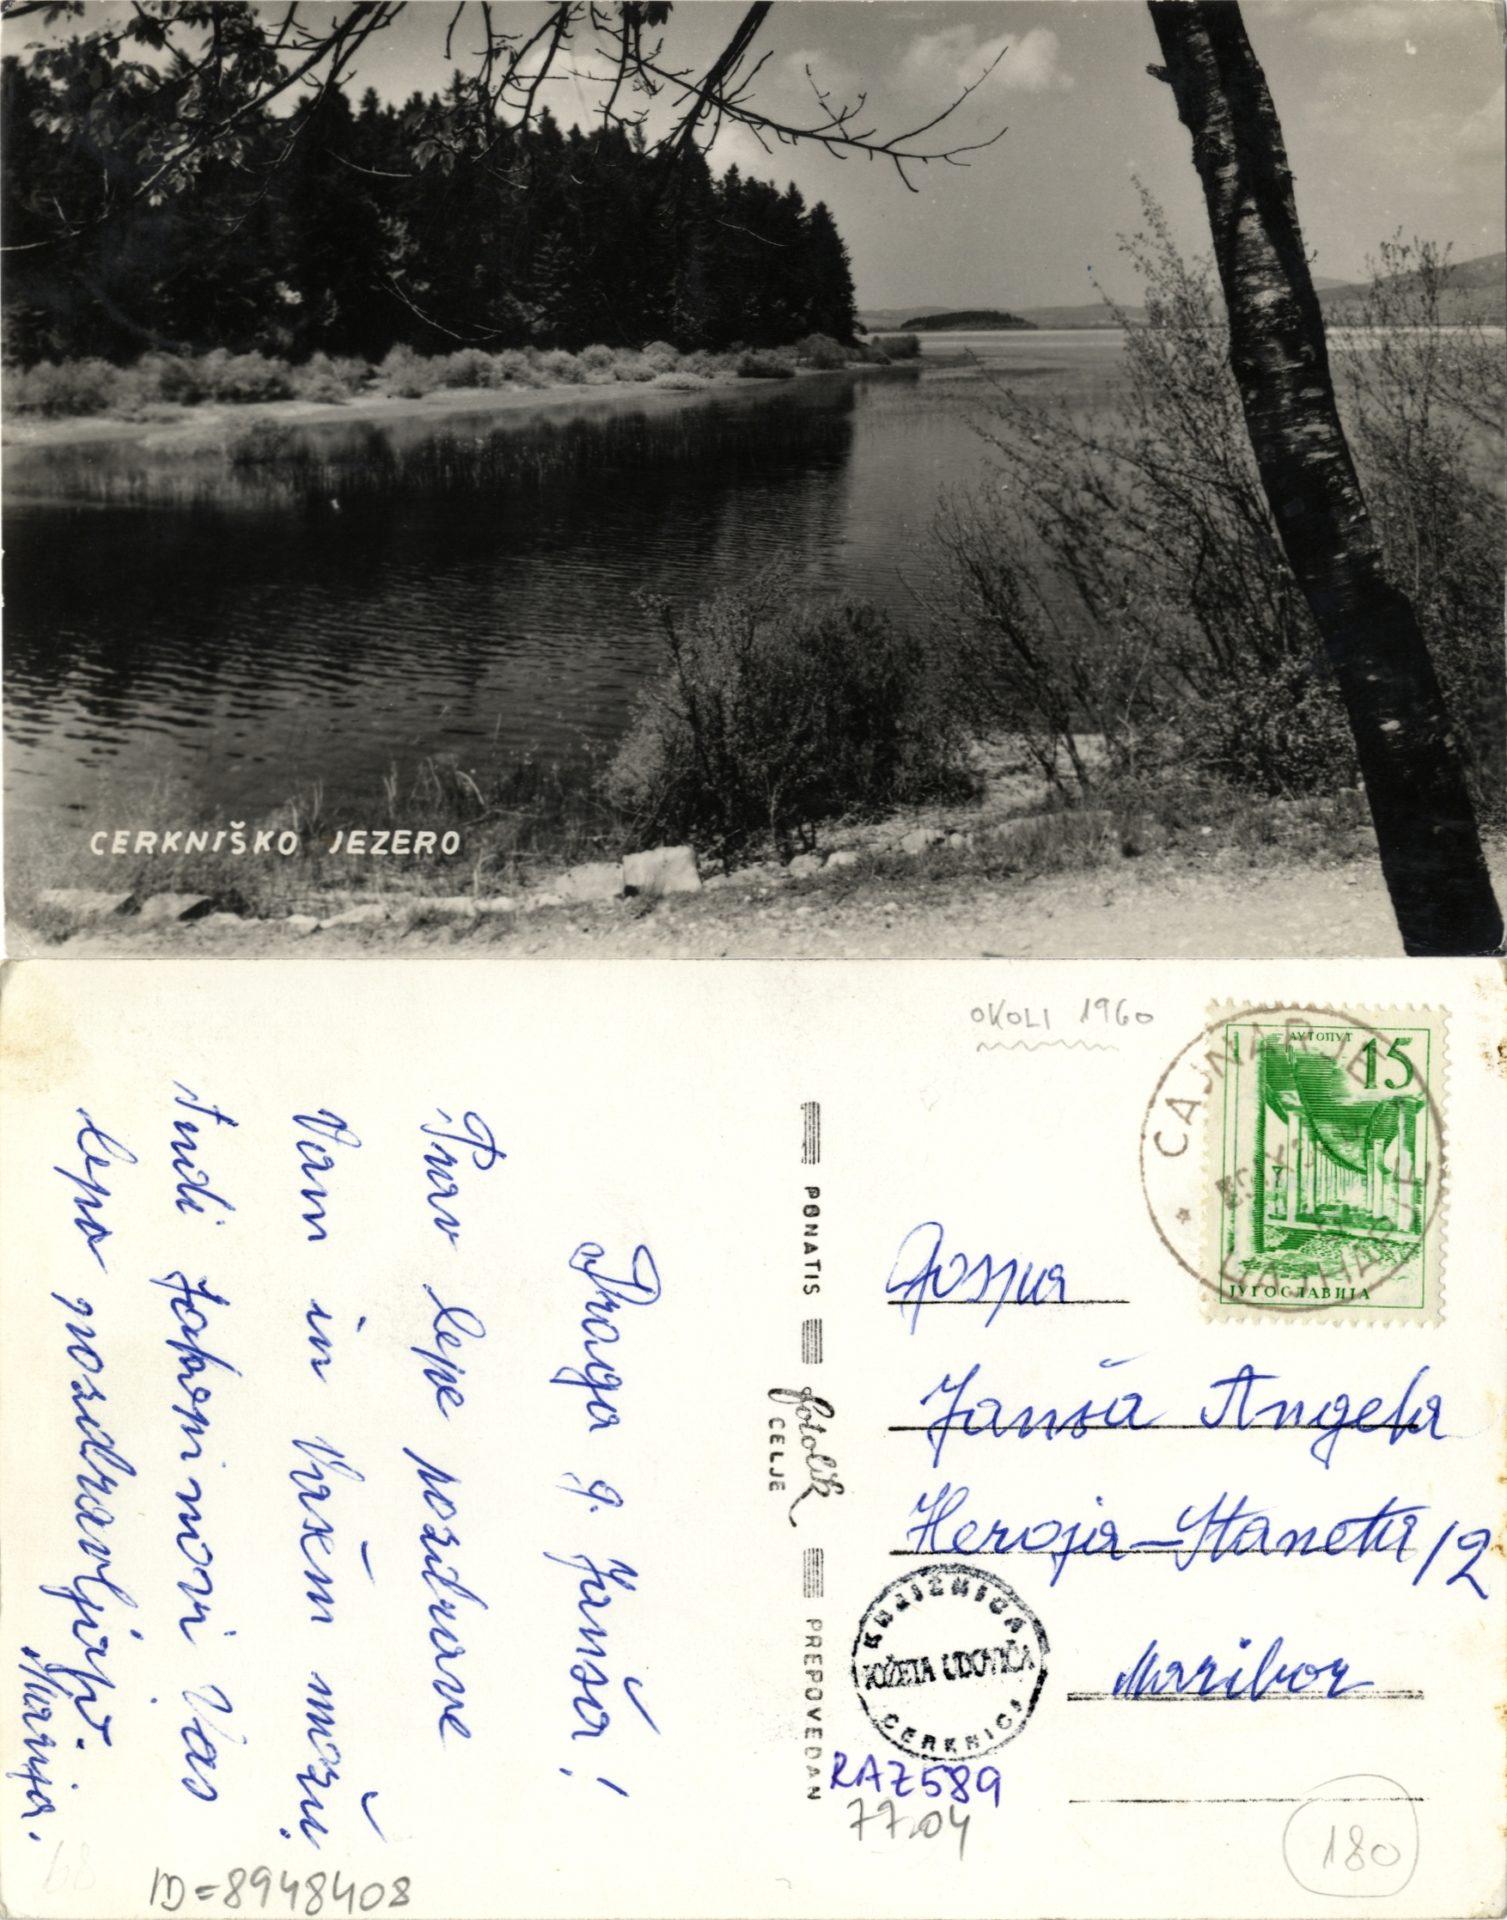 zlimano 12 - Cerkniško jezero